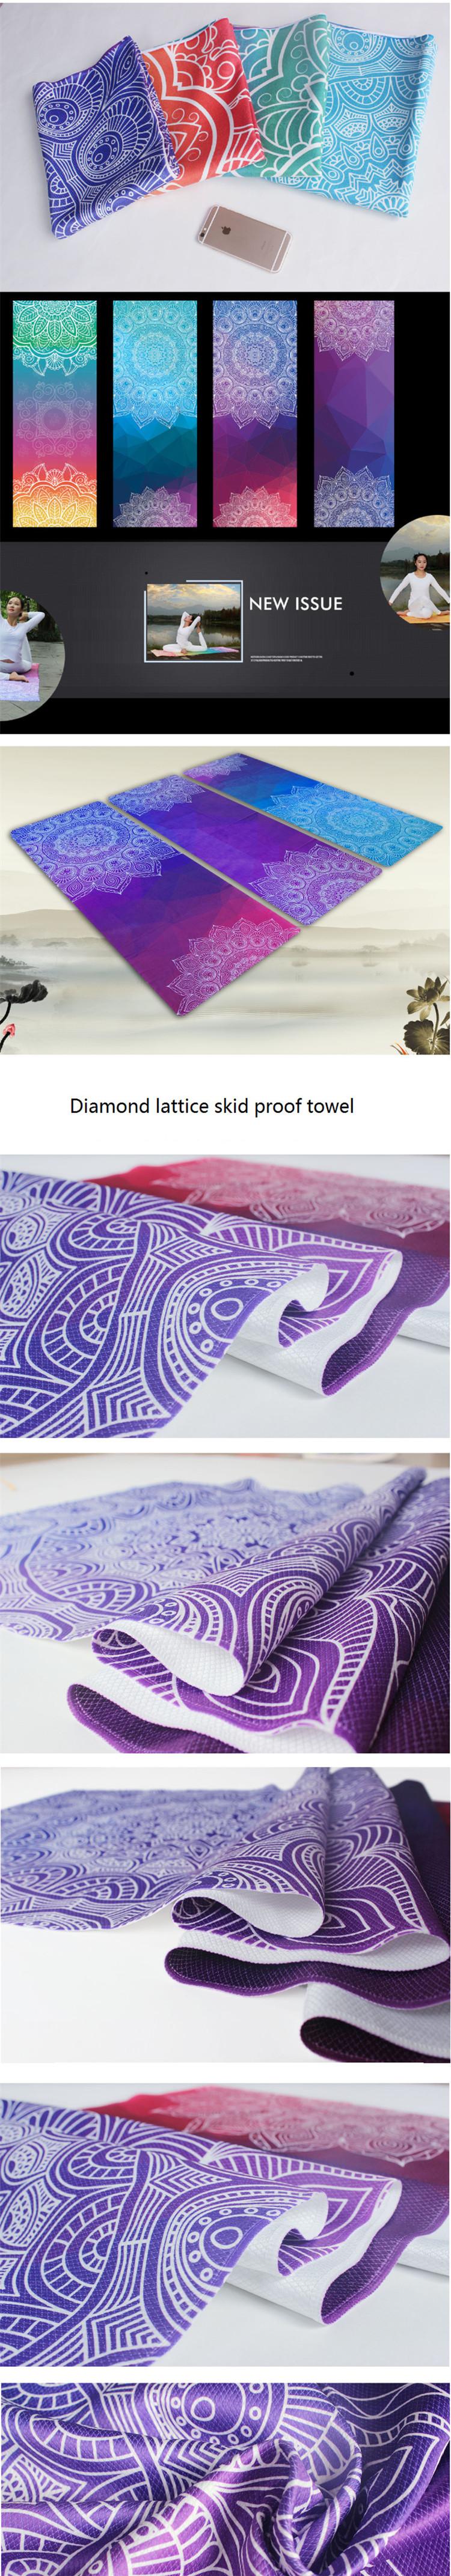 Serviette de yoga - 4 coloris - couverture de yoga coloré, motifs géométriques et mandala, détails, gros plans